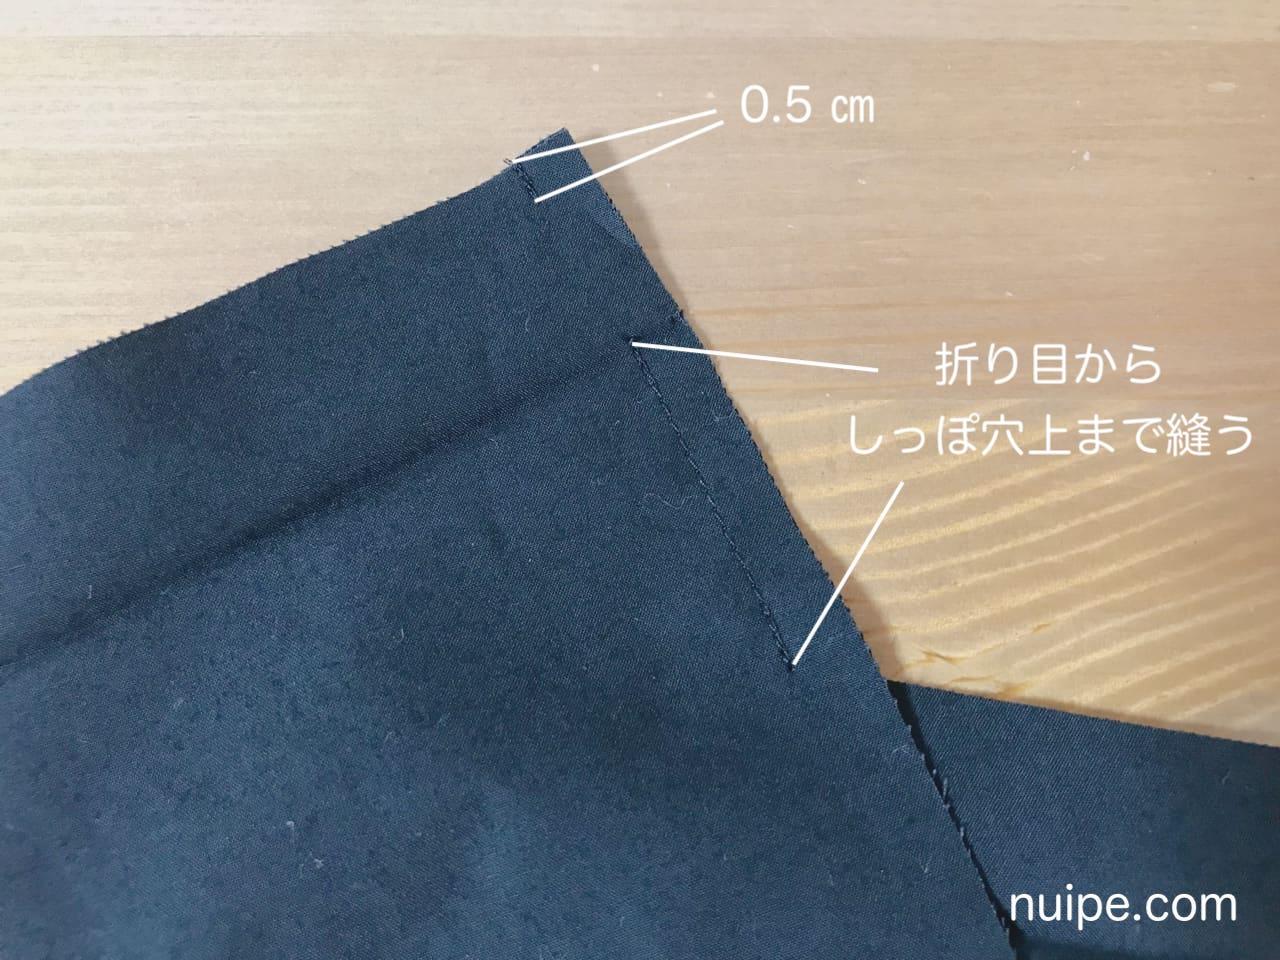 ダッフィー服作り方股ぐり縫い